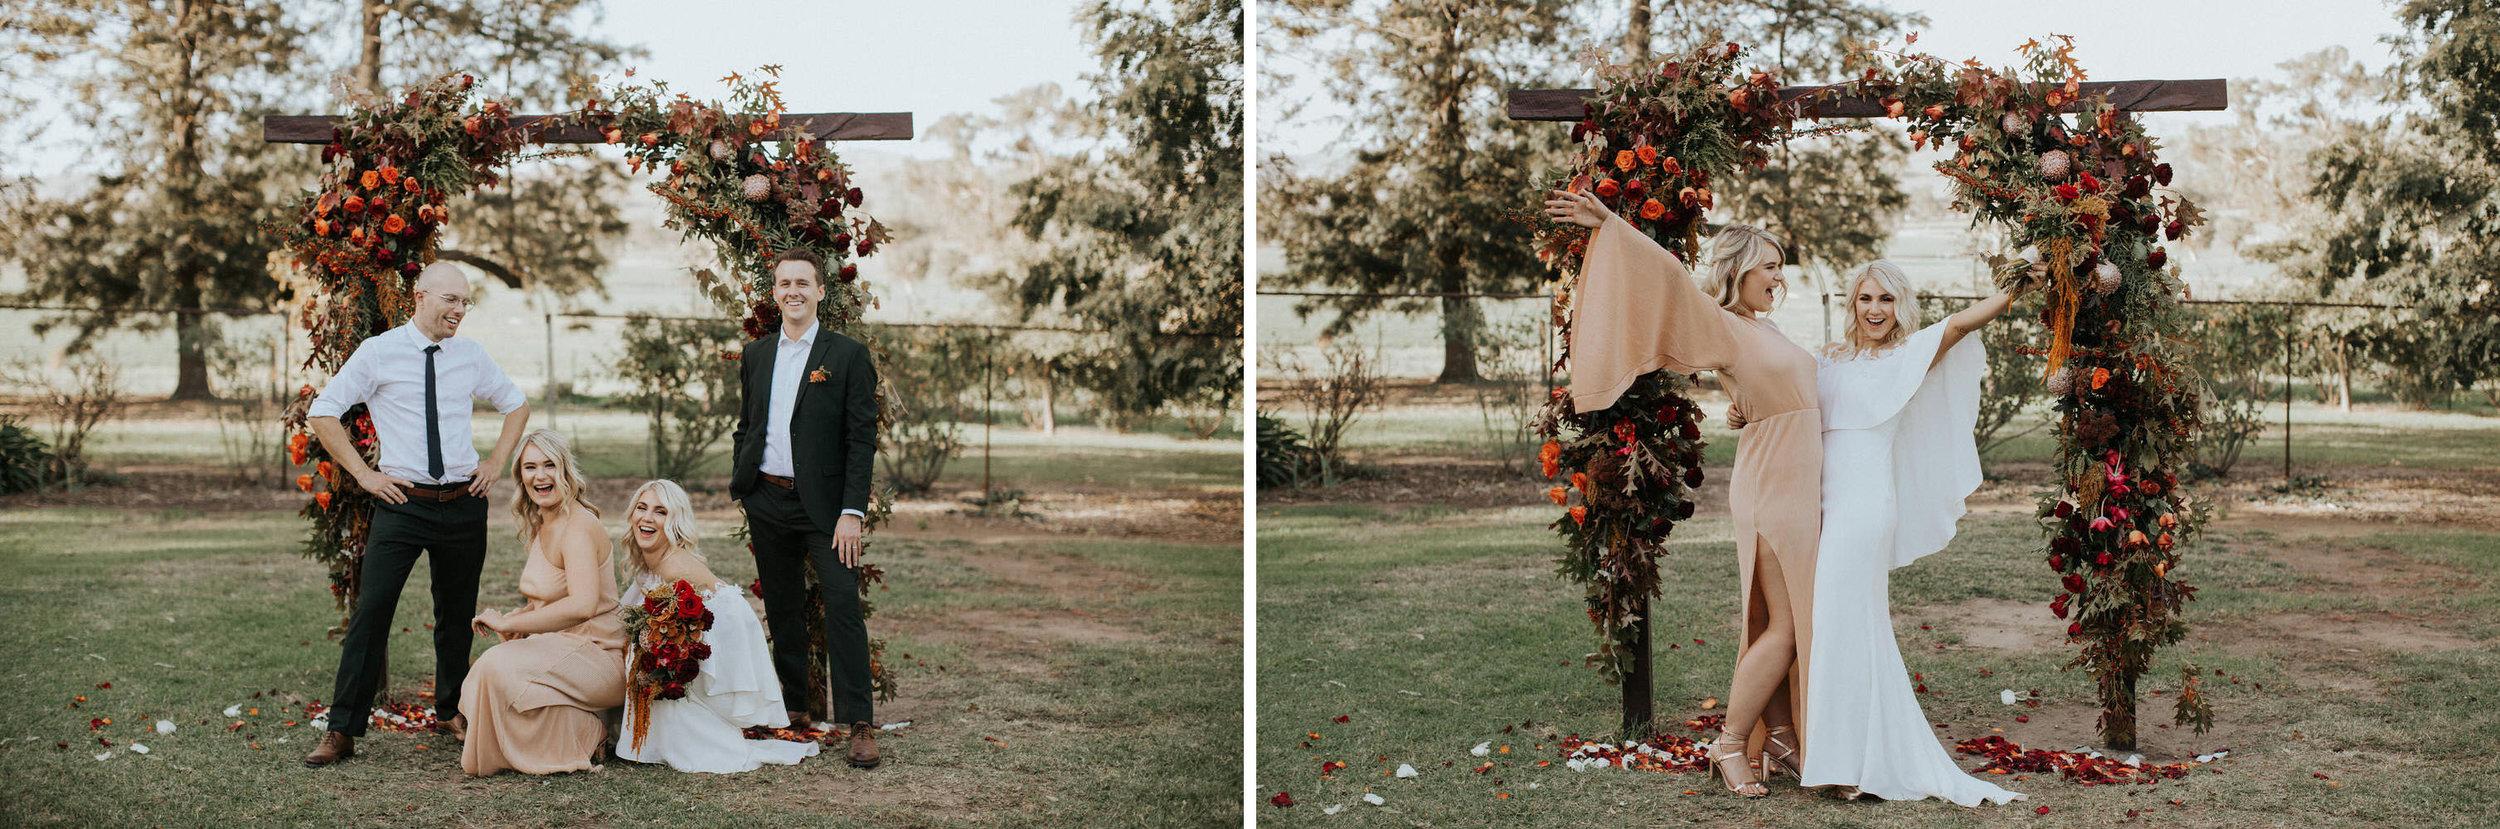 kimo-estate-wedding-photography-46.jpg